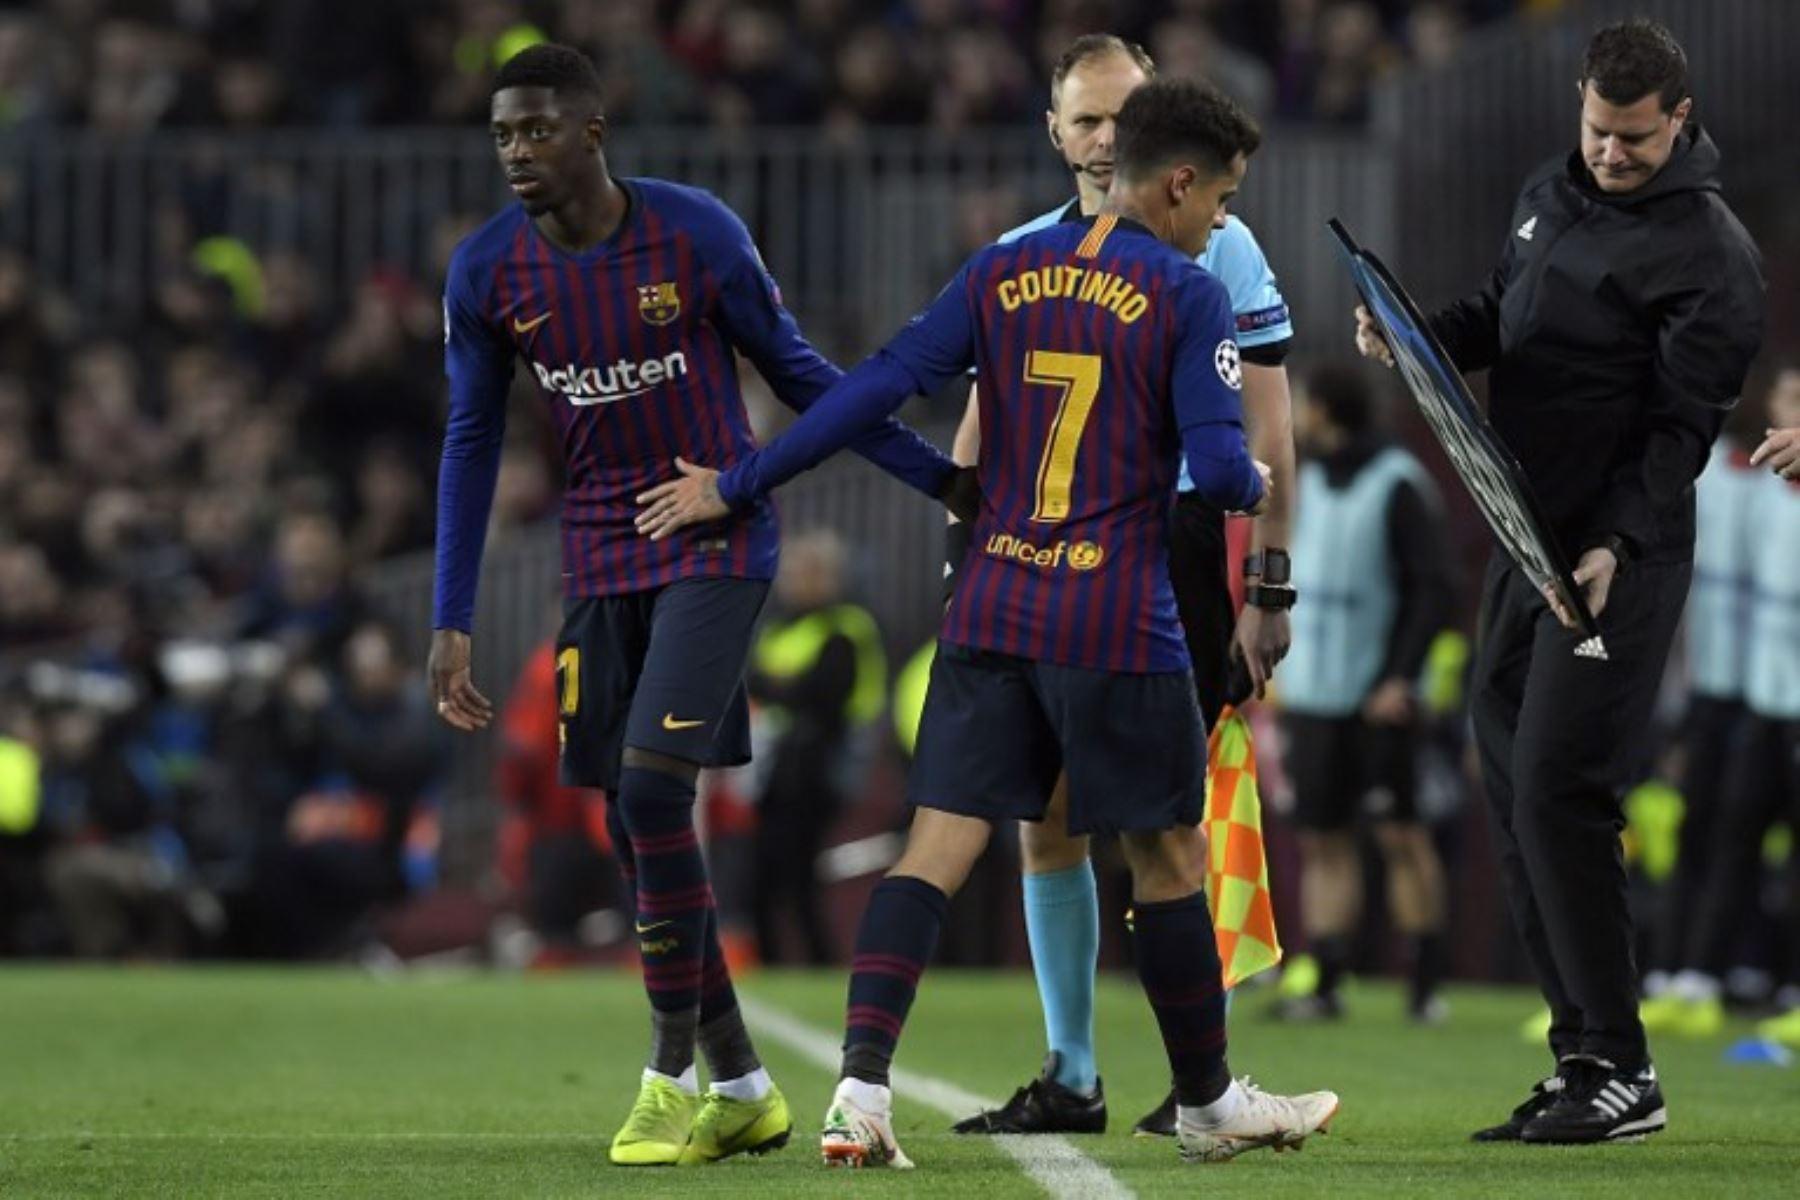 Deembelé será una baja significativa para el Barcelona de cara a los cuartos de final de la Champions